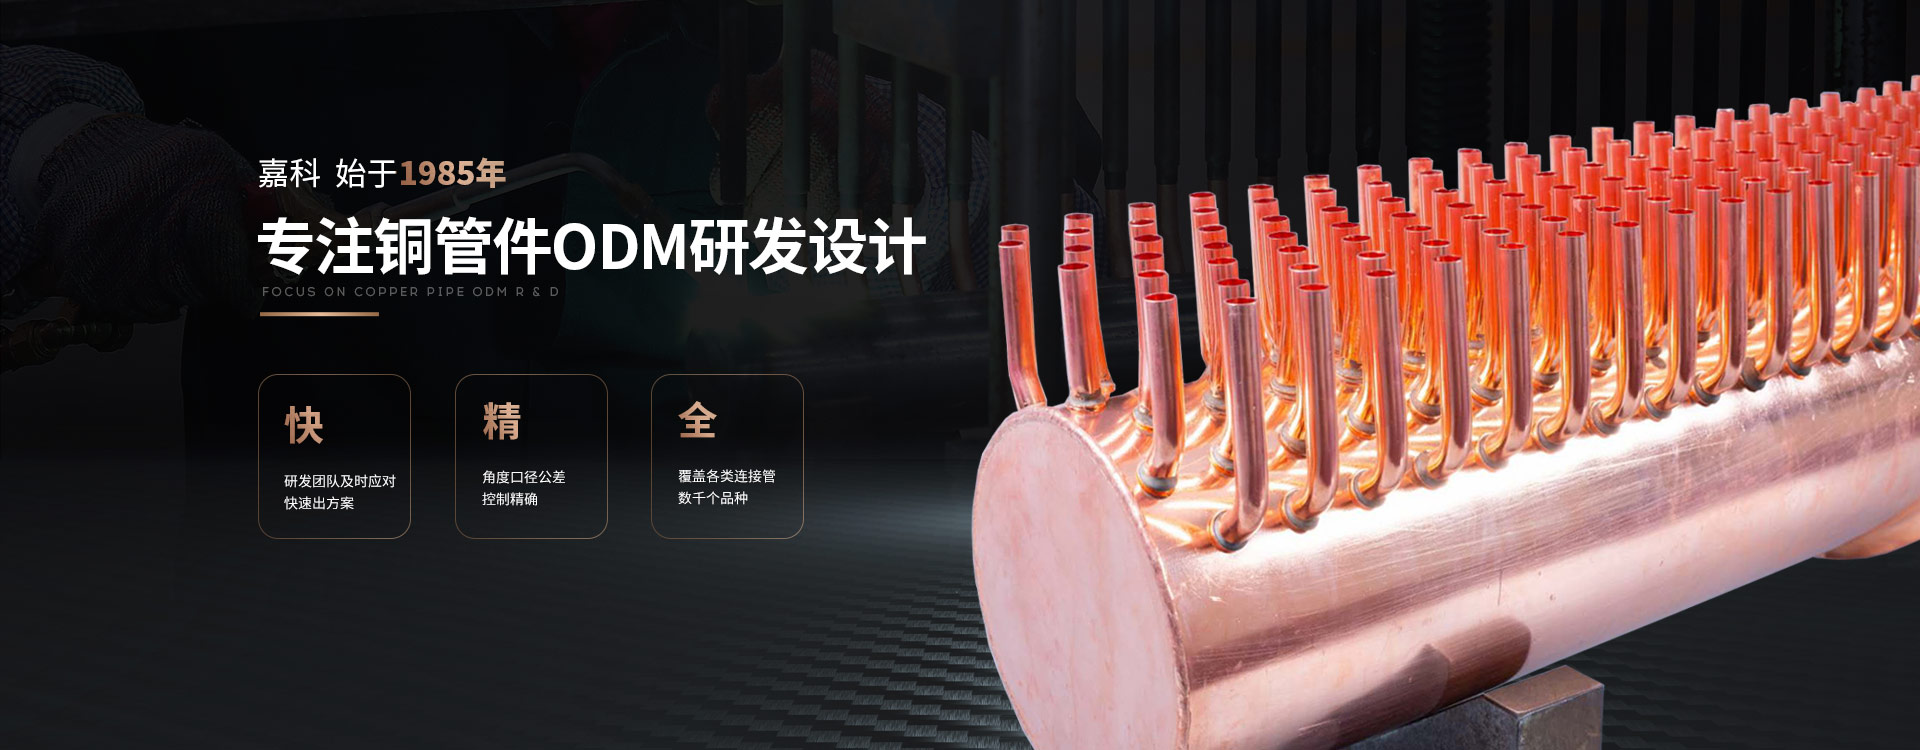 嘉科铜管-专注铜管件ODM研发设计